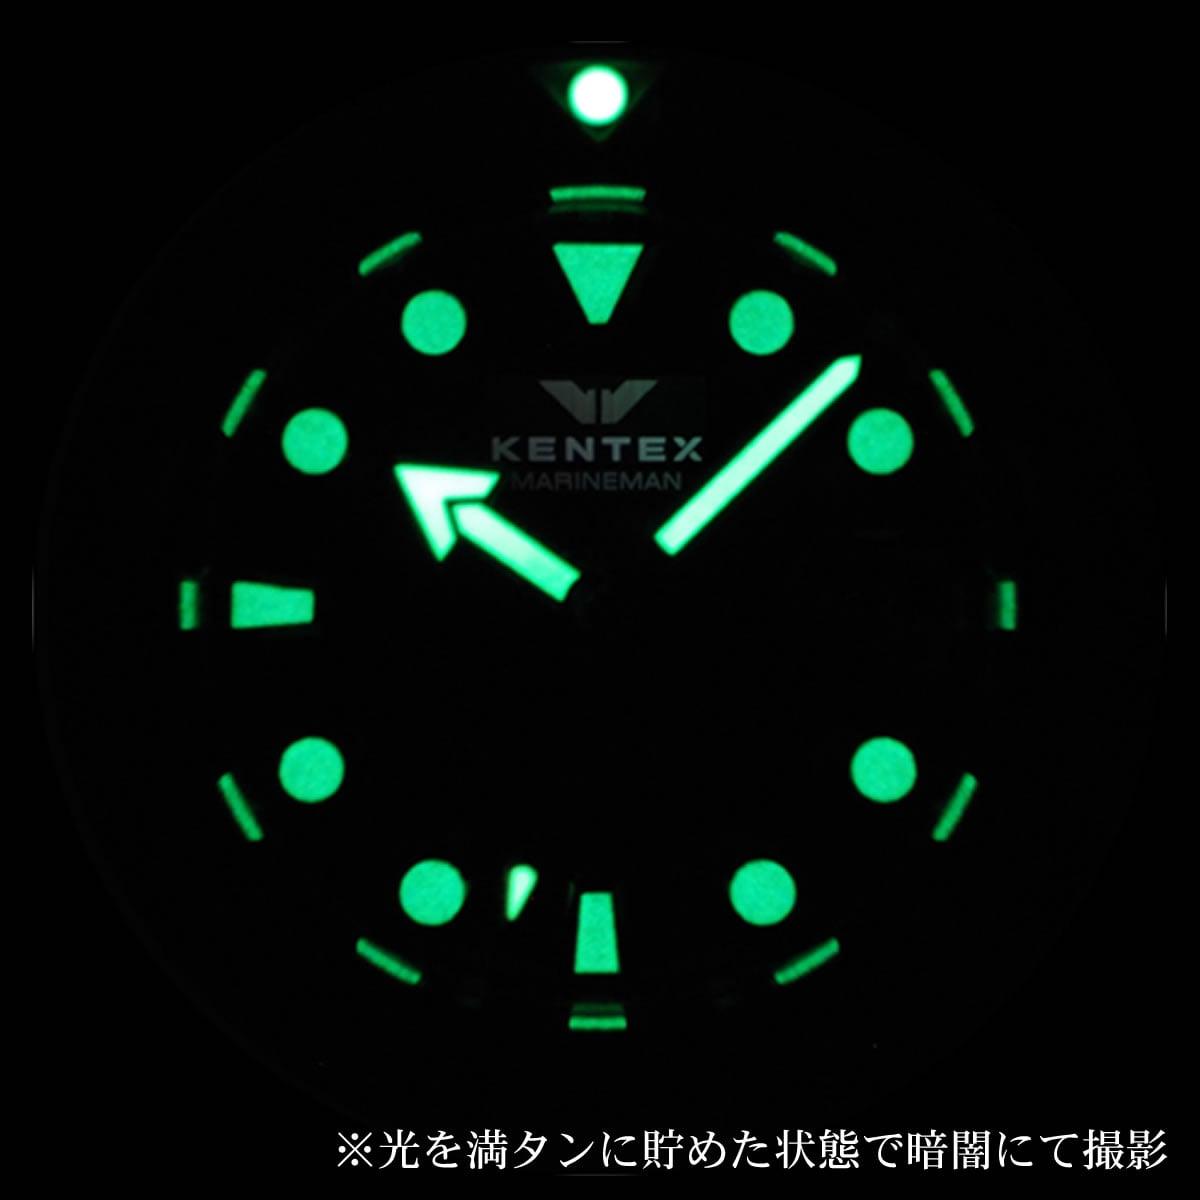 スーパールミナス夜光 s706m-13